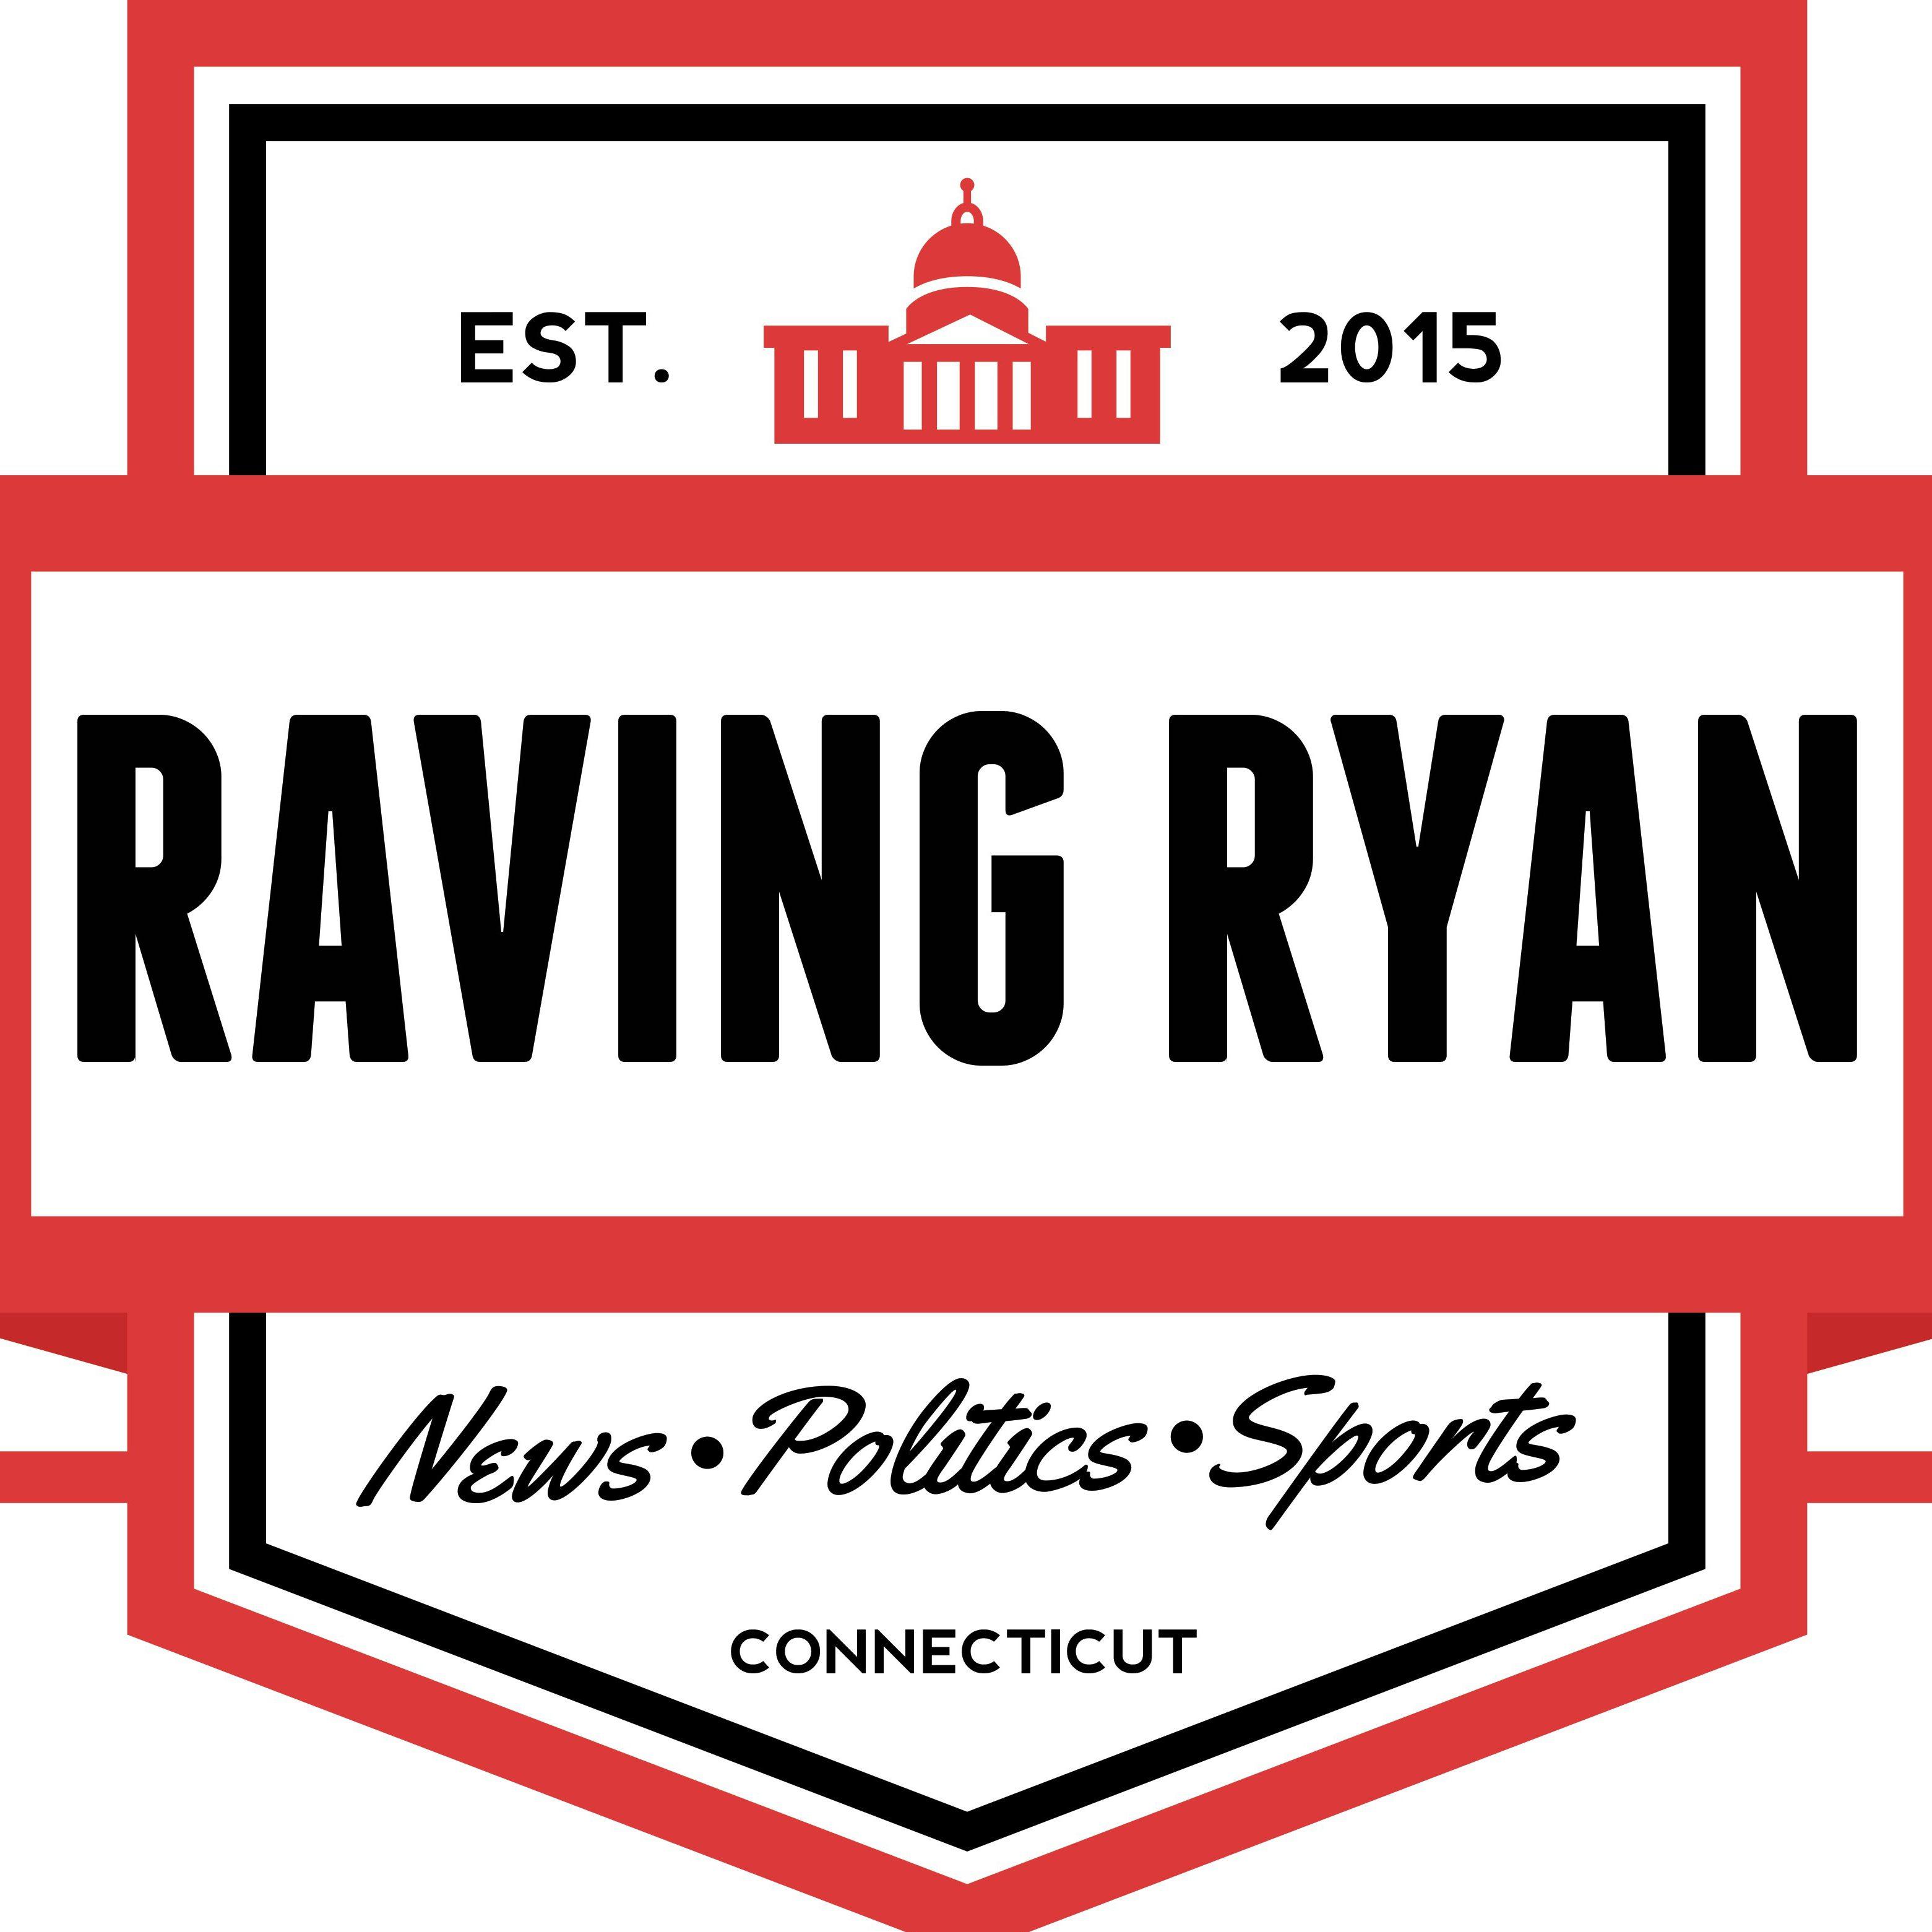 Raving Ryan